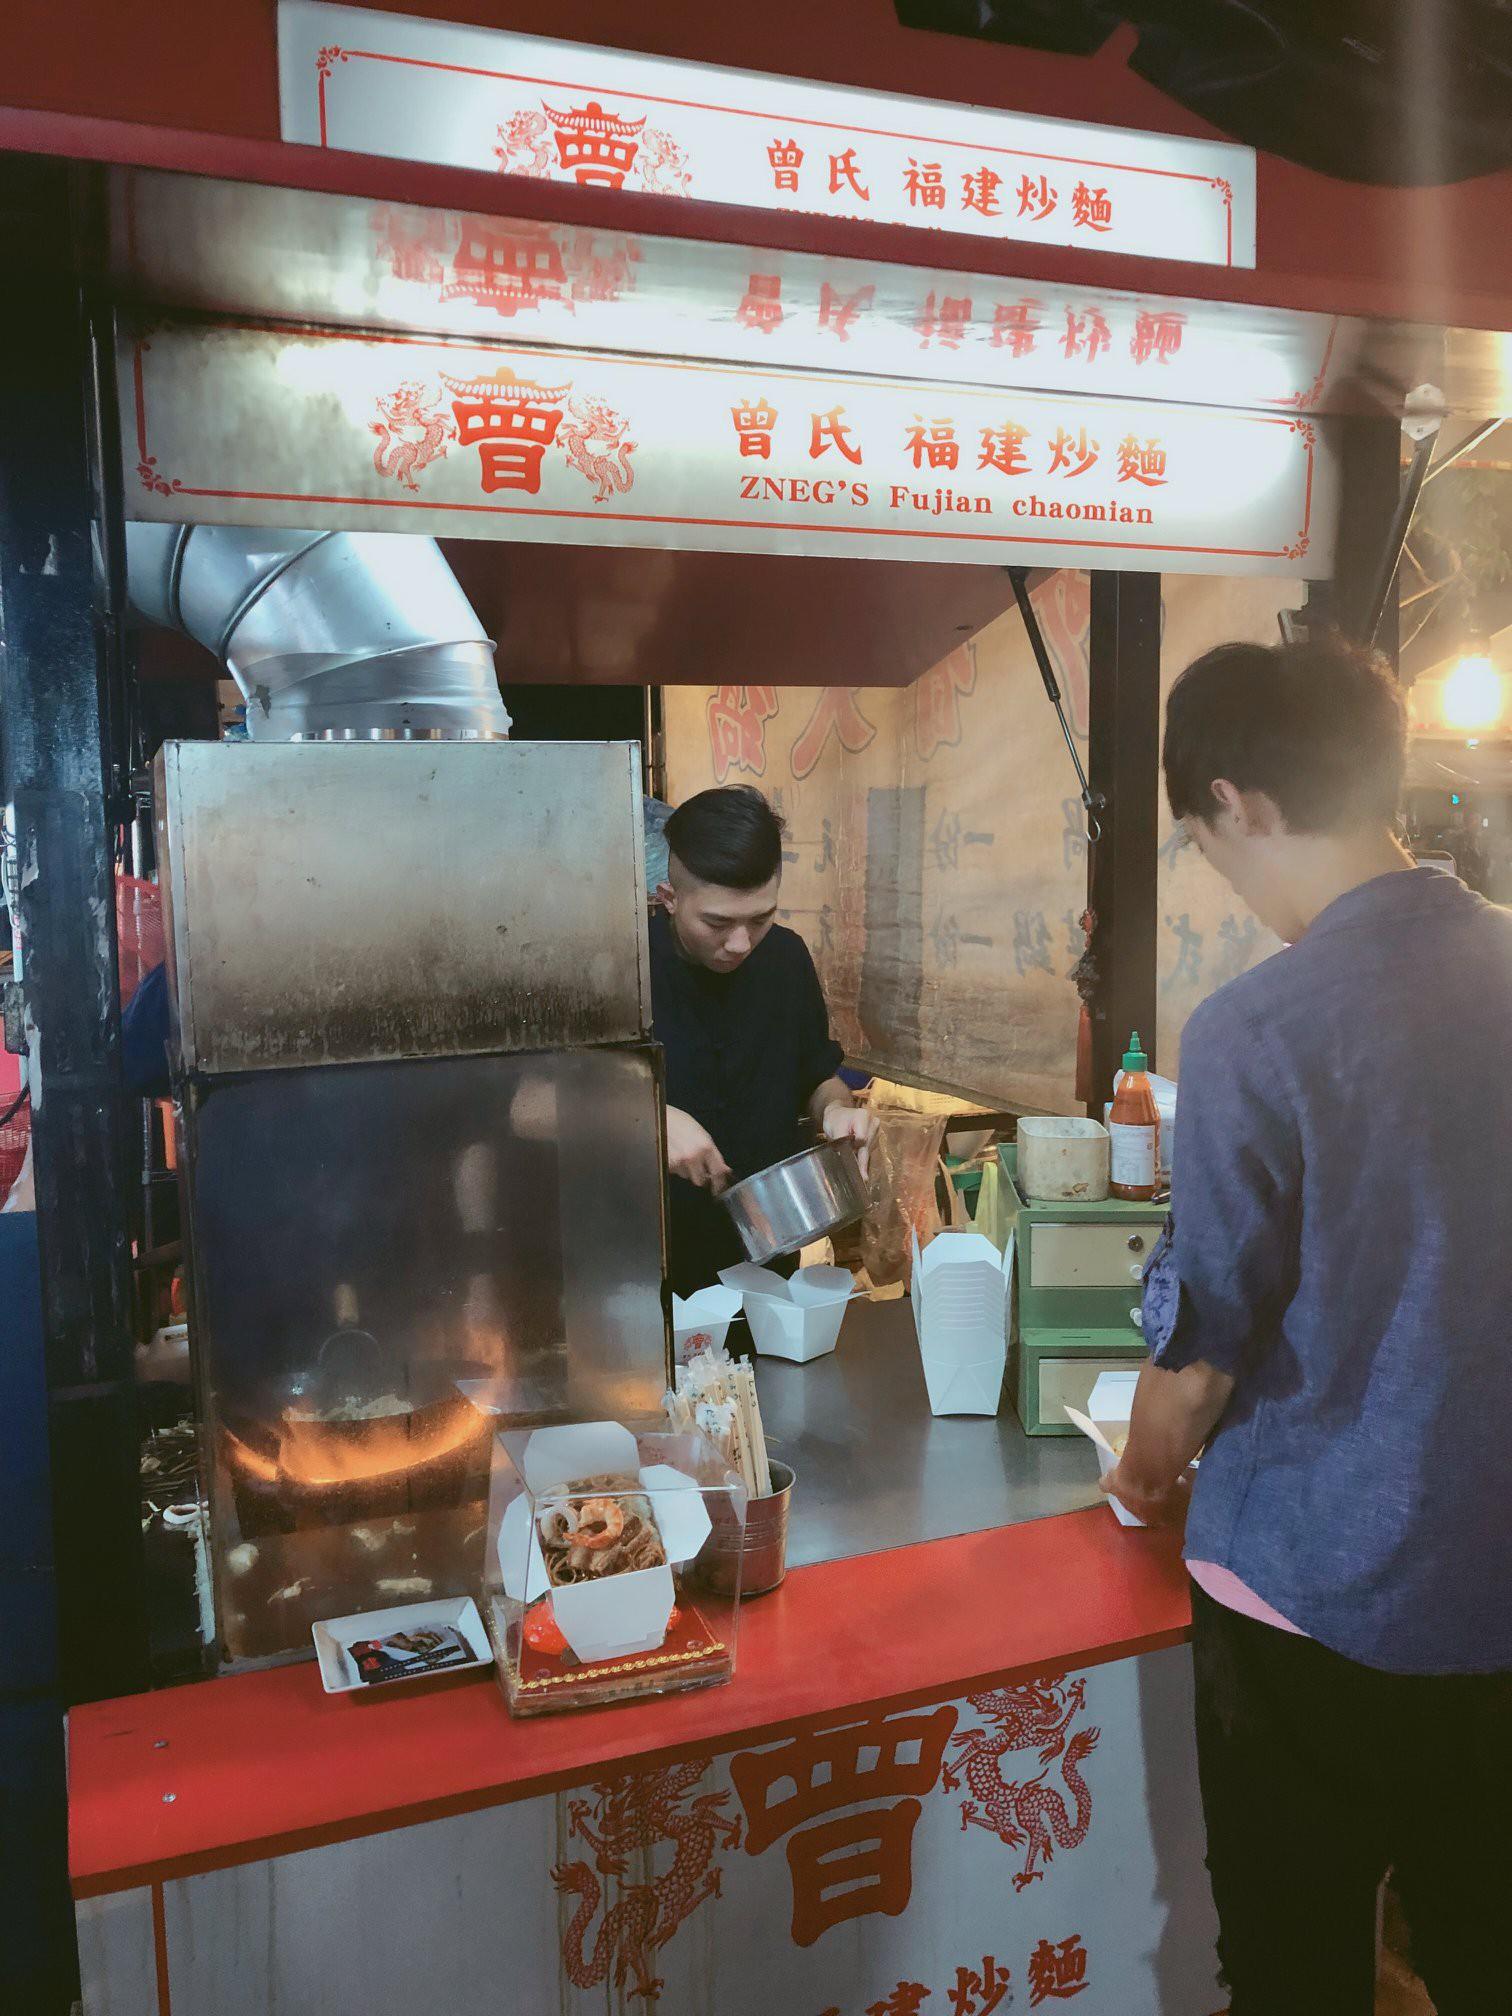 Ghi nhanh sổ tay ăn sập Cao Hùng của chàng du học sinh cho chuyến đi Đài Loan sắp tới - Ảnh 2.